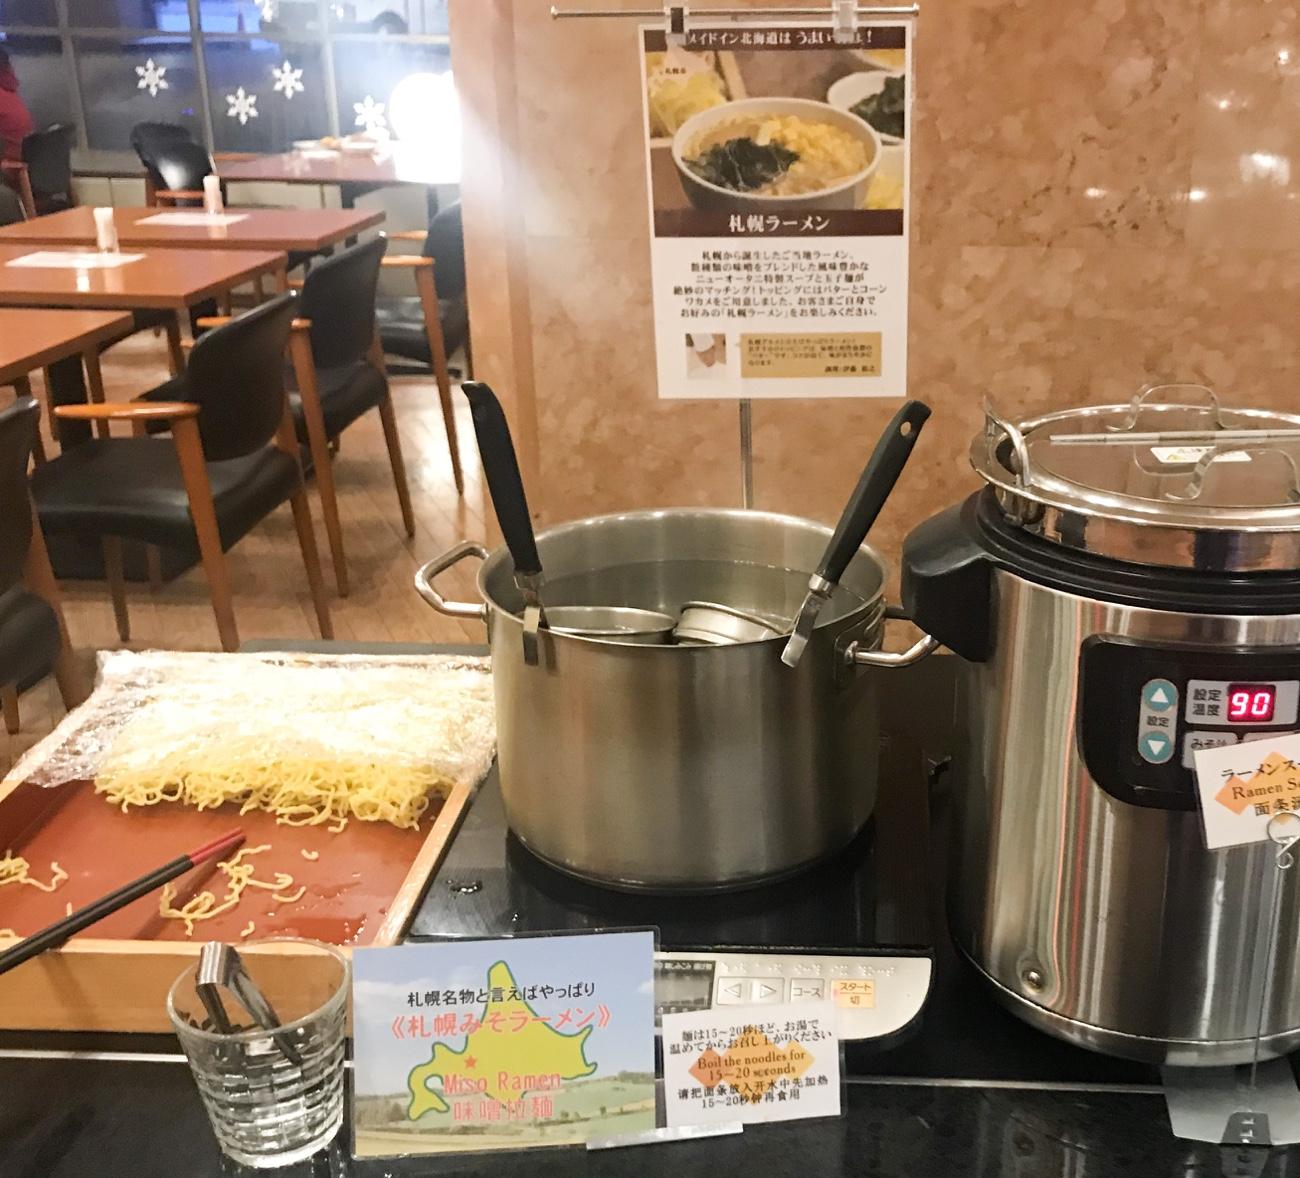 札幌ラーメン ニューオータニイン札幌朝食ブログ